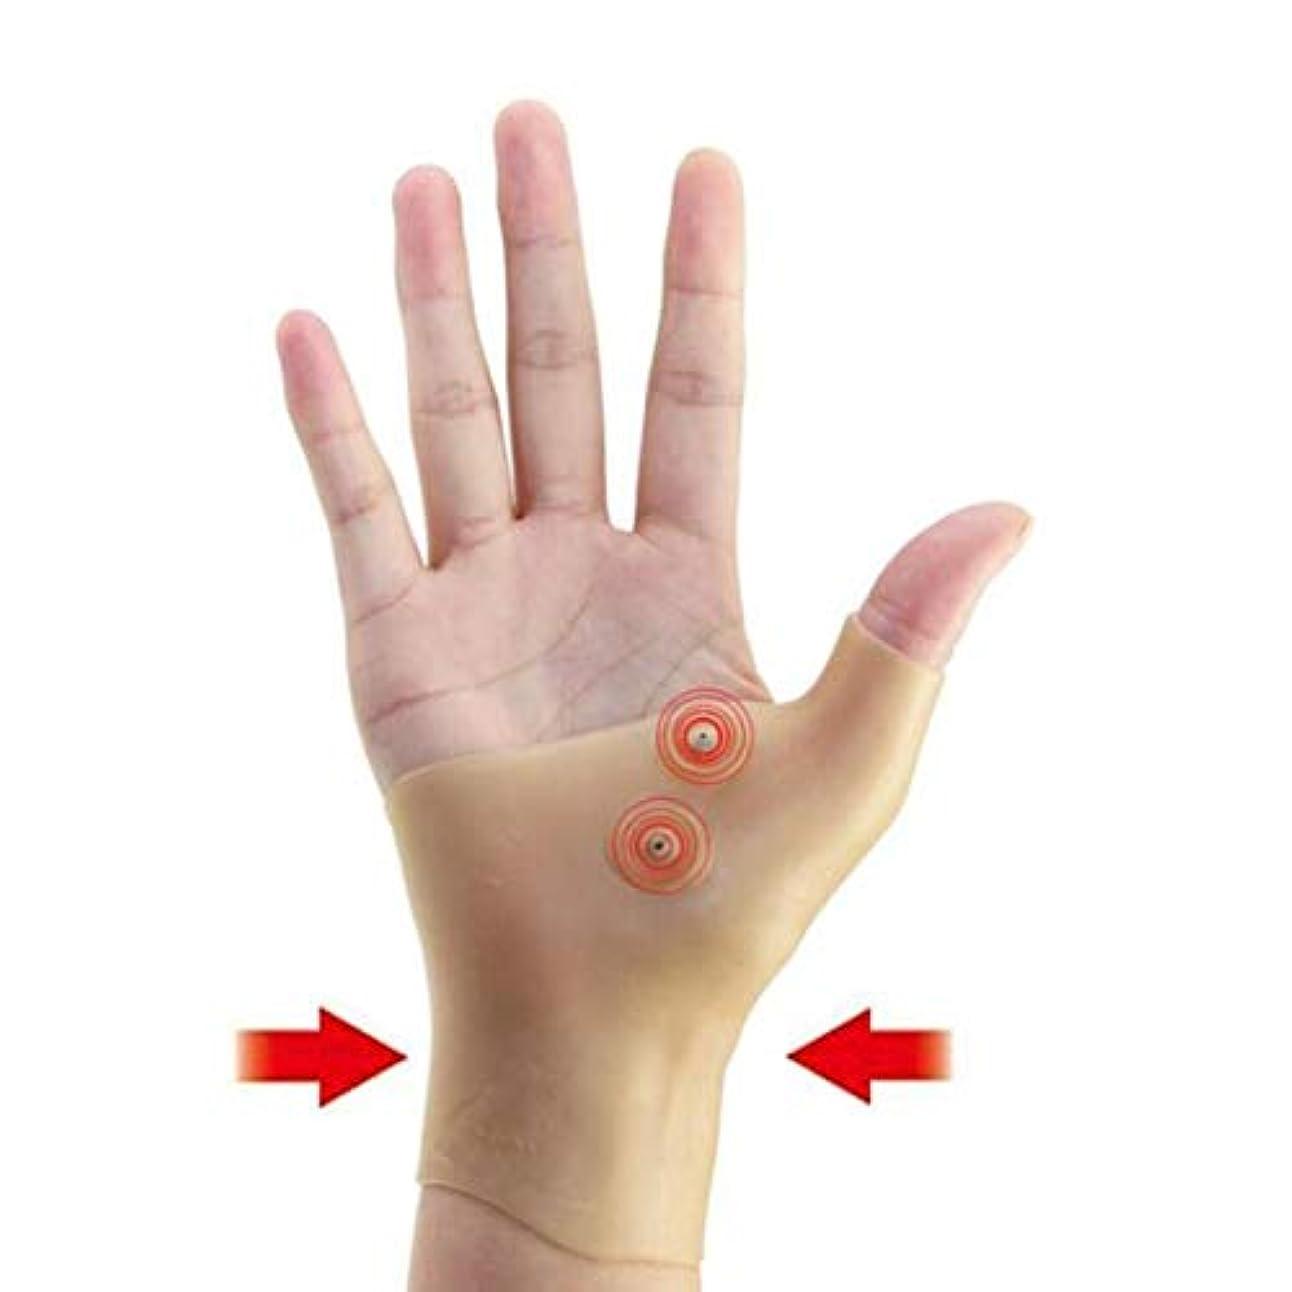 安定くまトランク磁気療法手首手親指サポート手袋シリコーンゲル関節炎圧力矯正器マッサージ痛み緩和手袋 - 肌の色